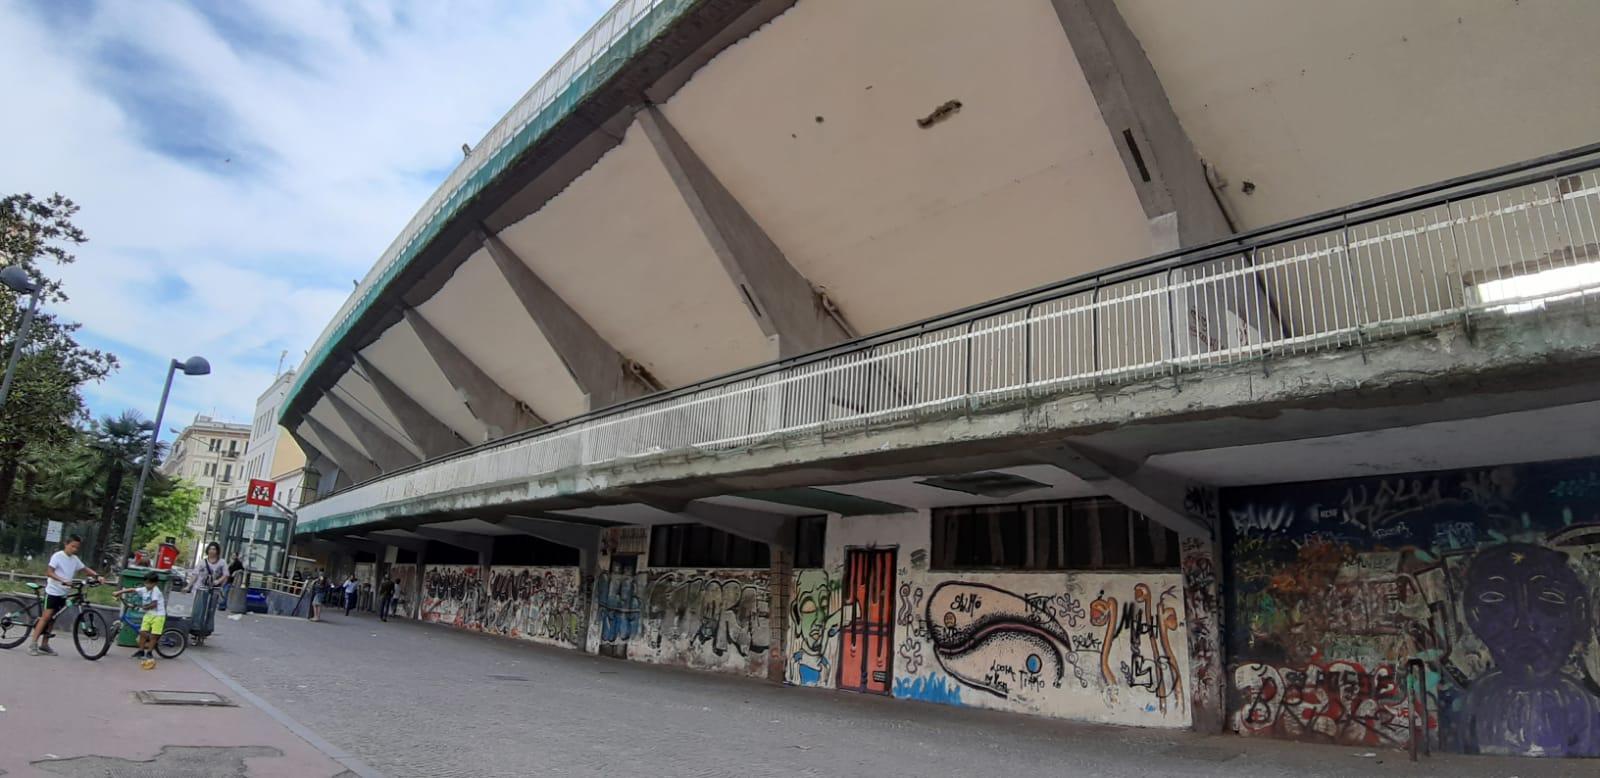 Vomero abbandonato: sit in in piazza Quattro Giornate